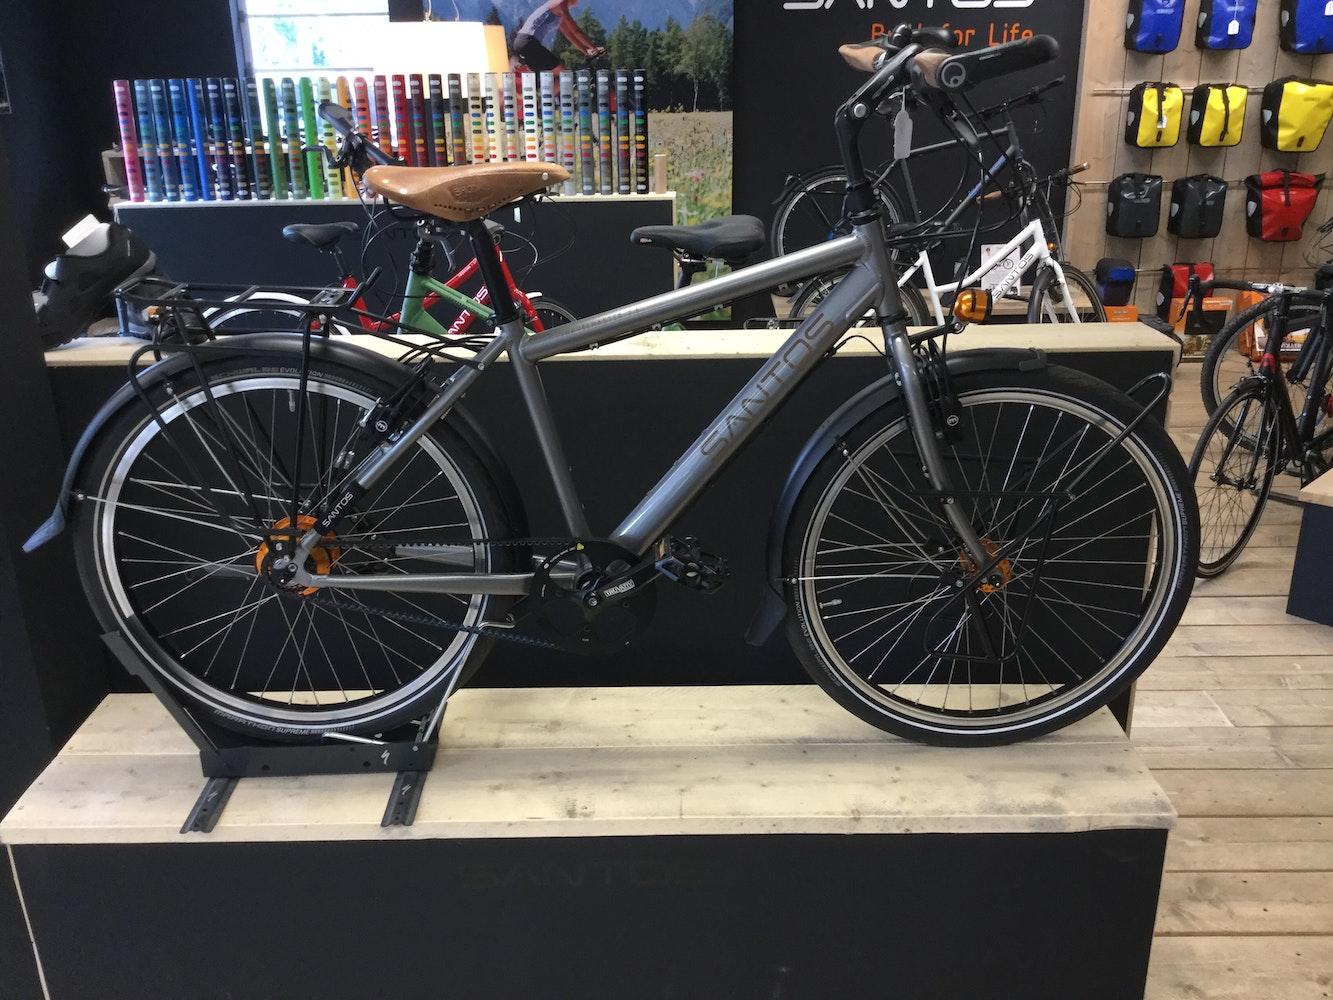 a071c00c590 Santos travelmaster 2.6 2018 | 2271155 | BikeExchange.nl